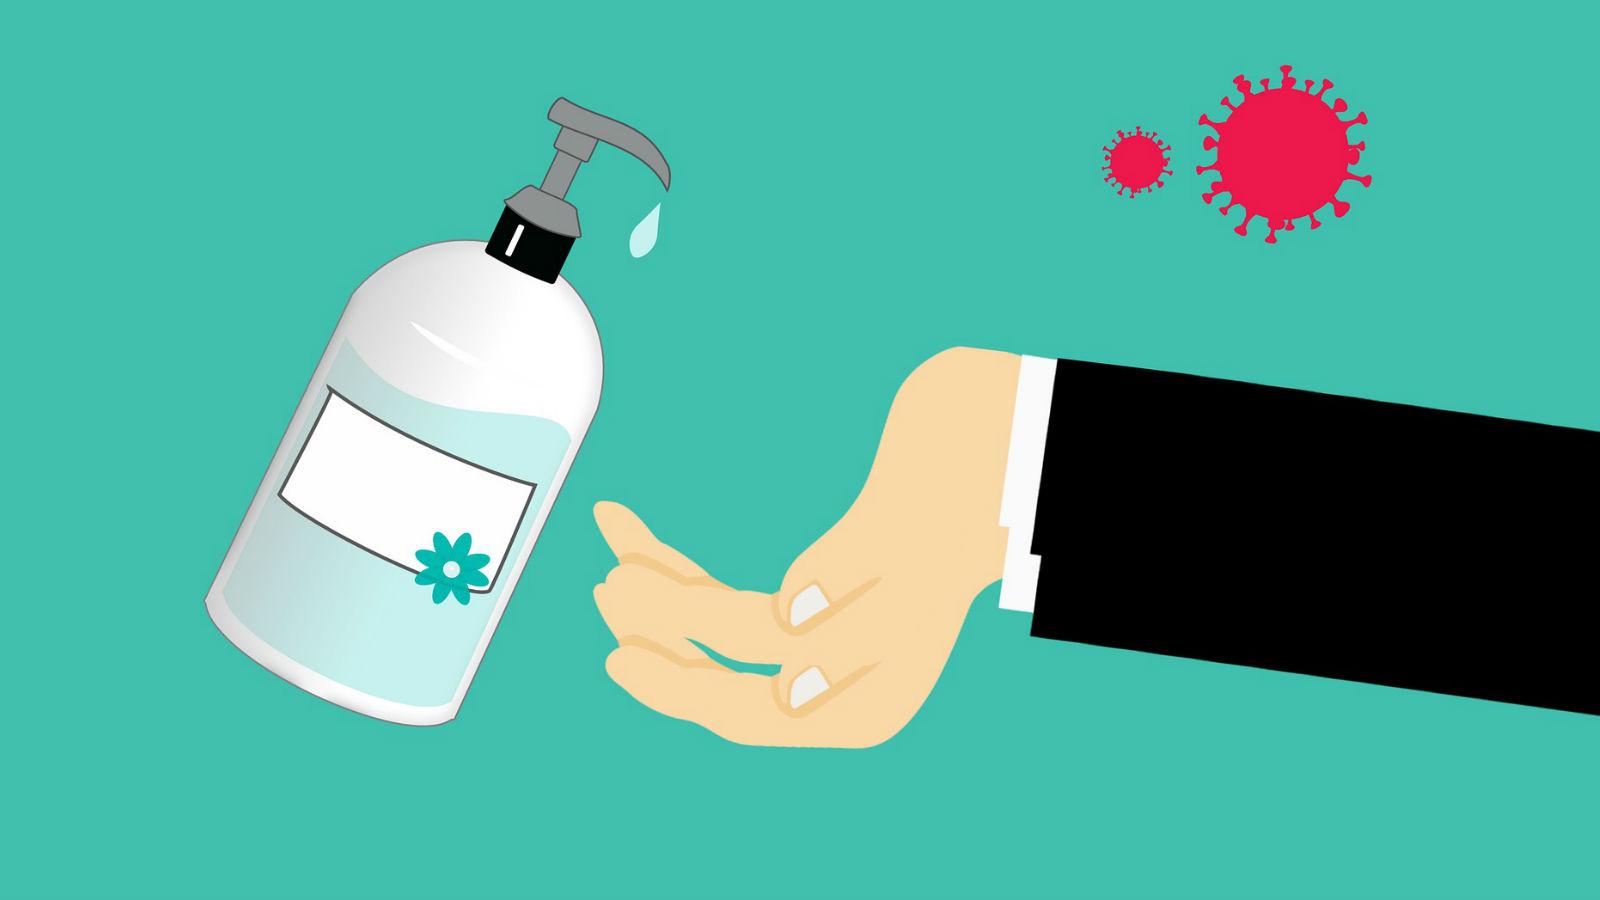 ¿Cómo hacer desinfectantes en casa?